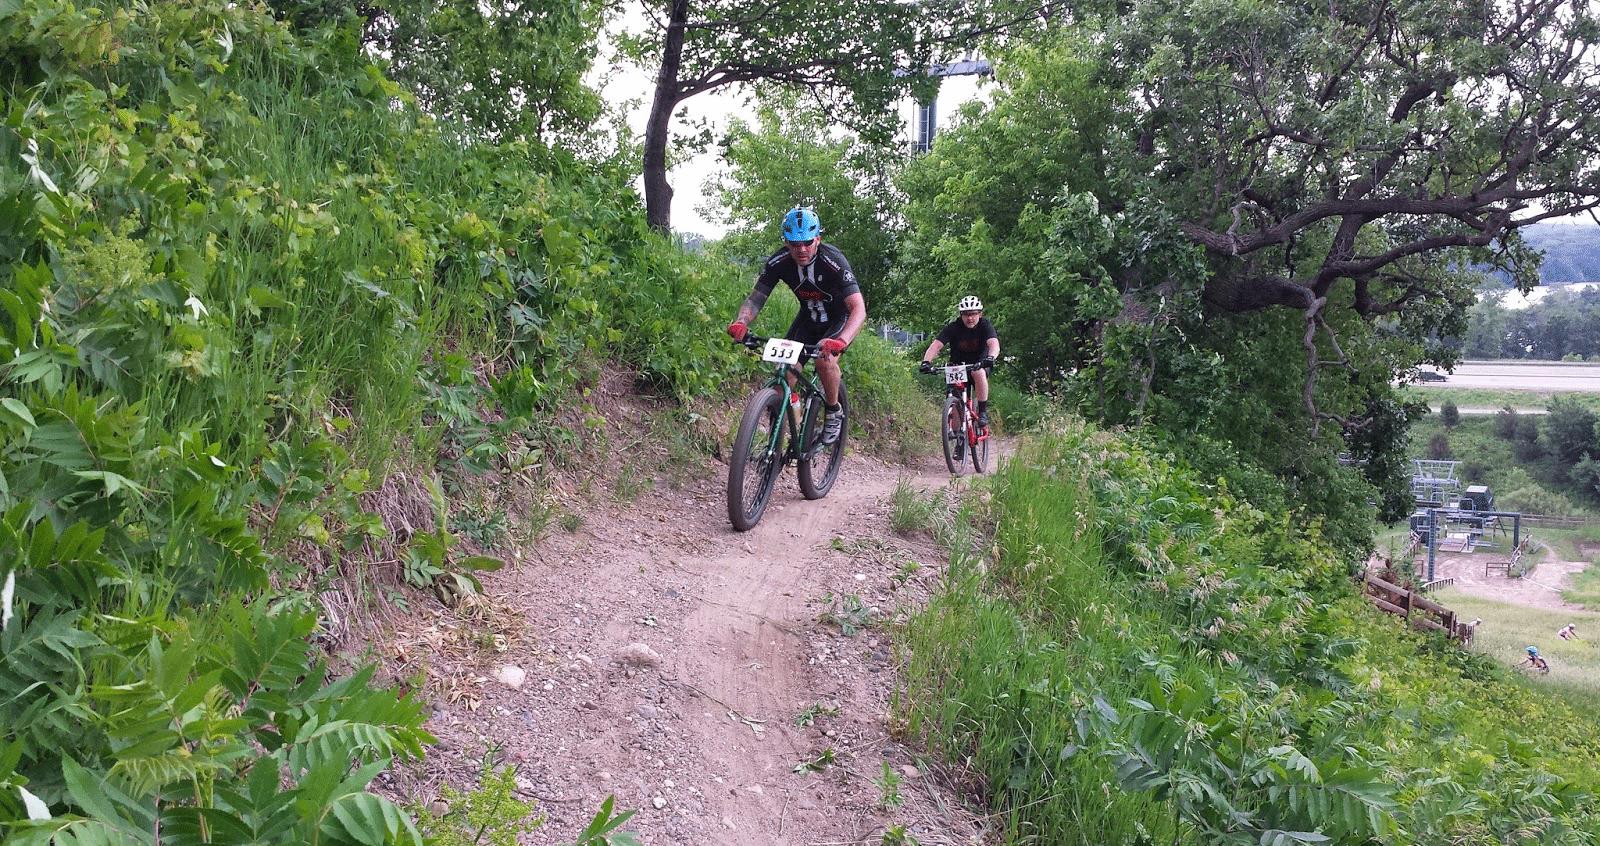 Mountain biking at buck hill